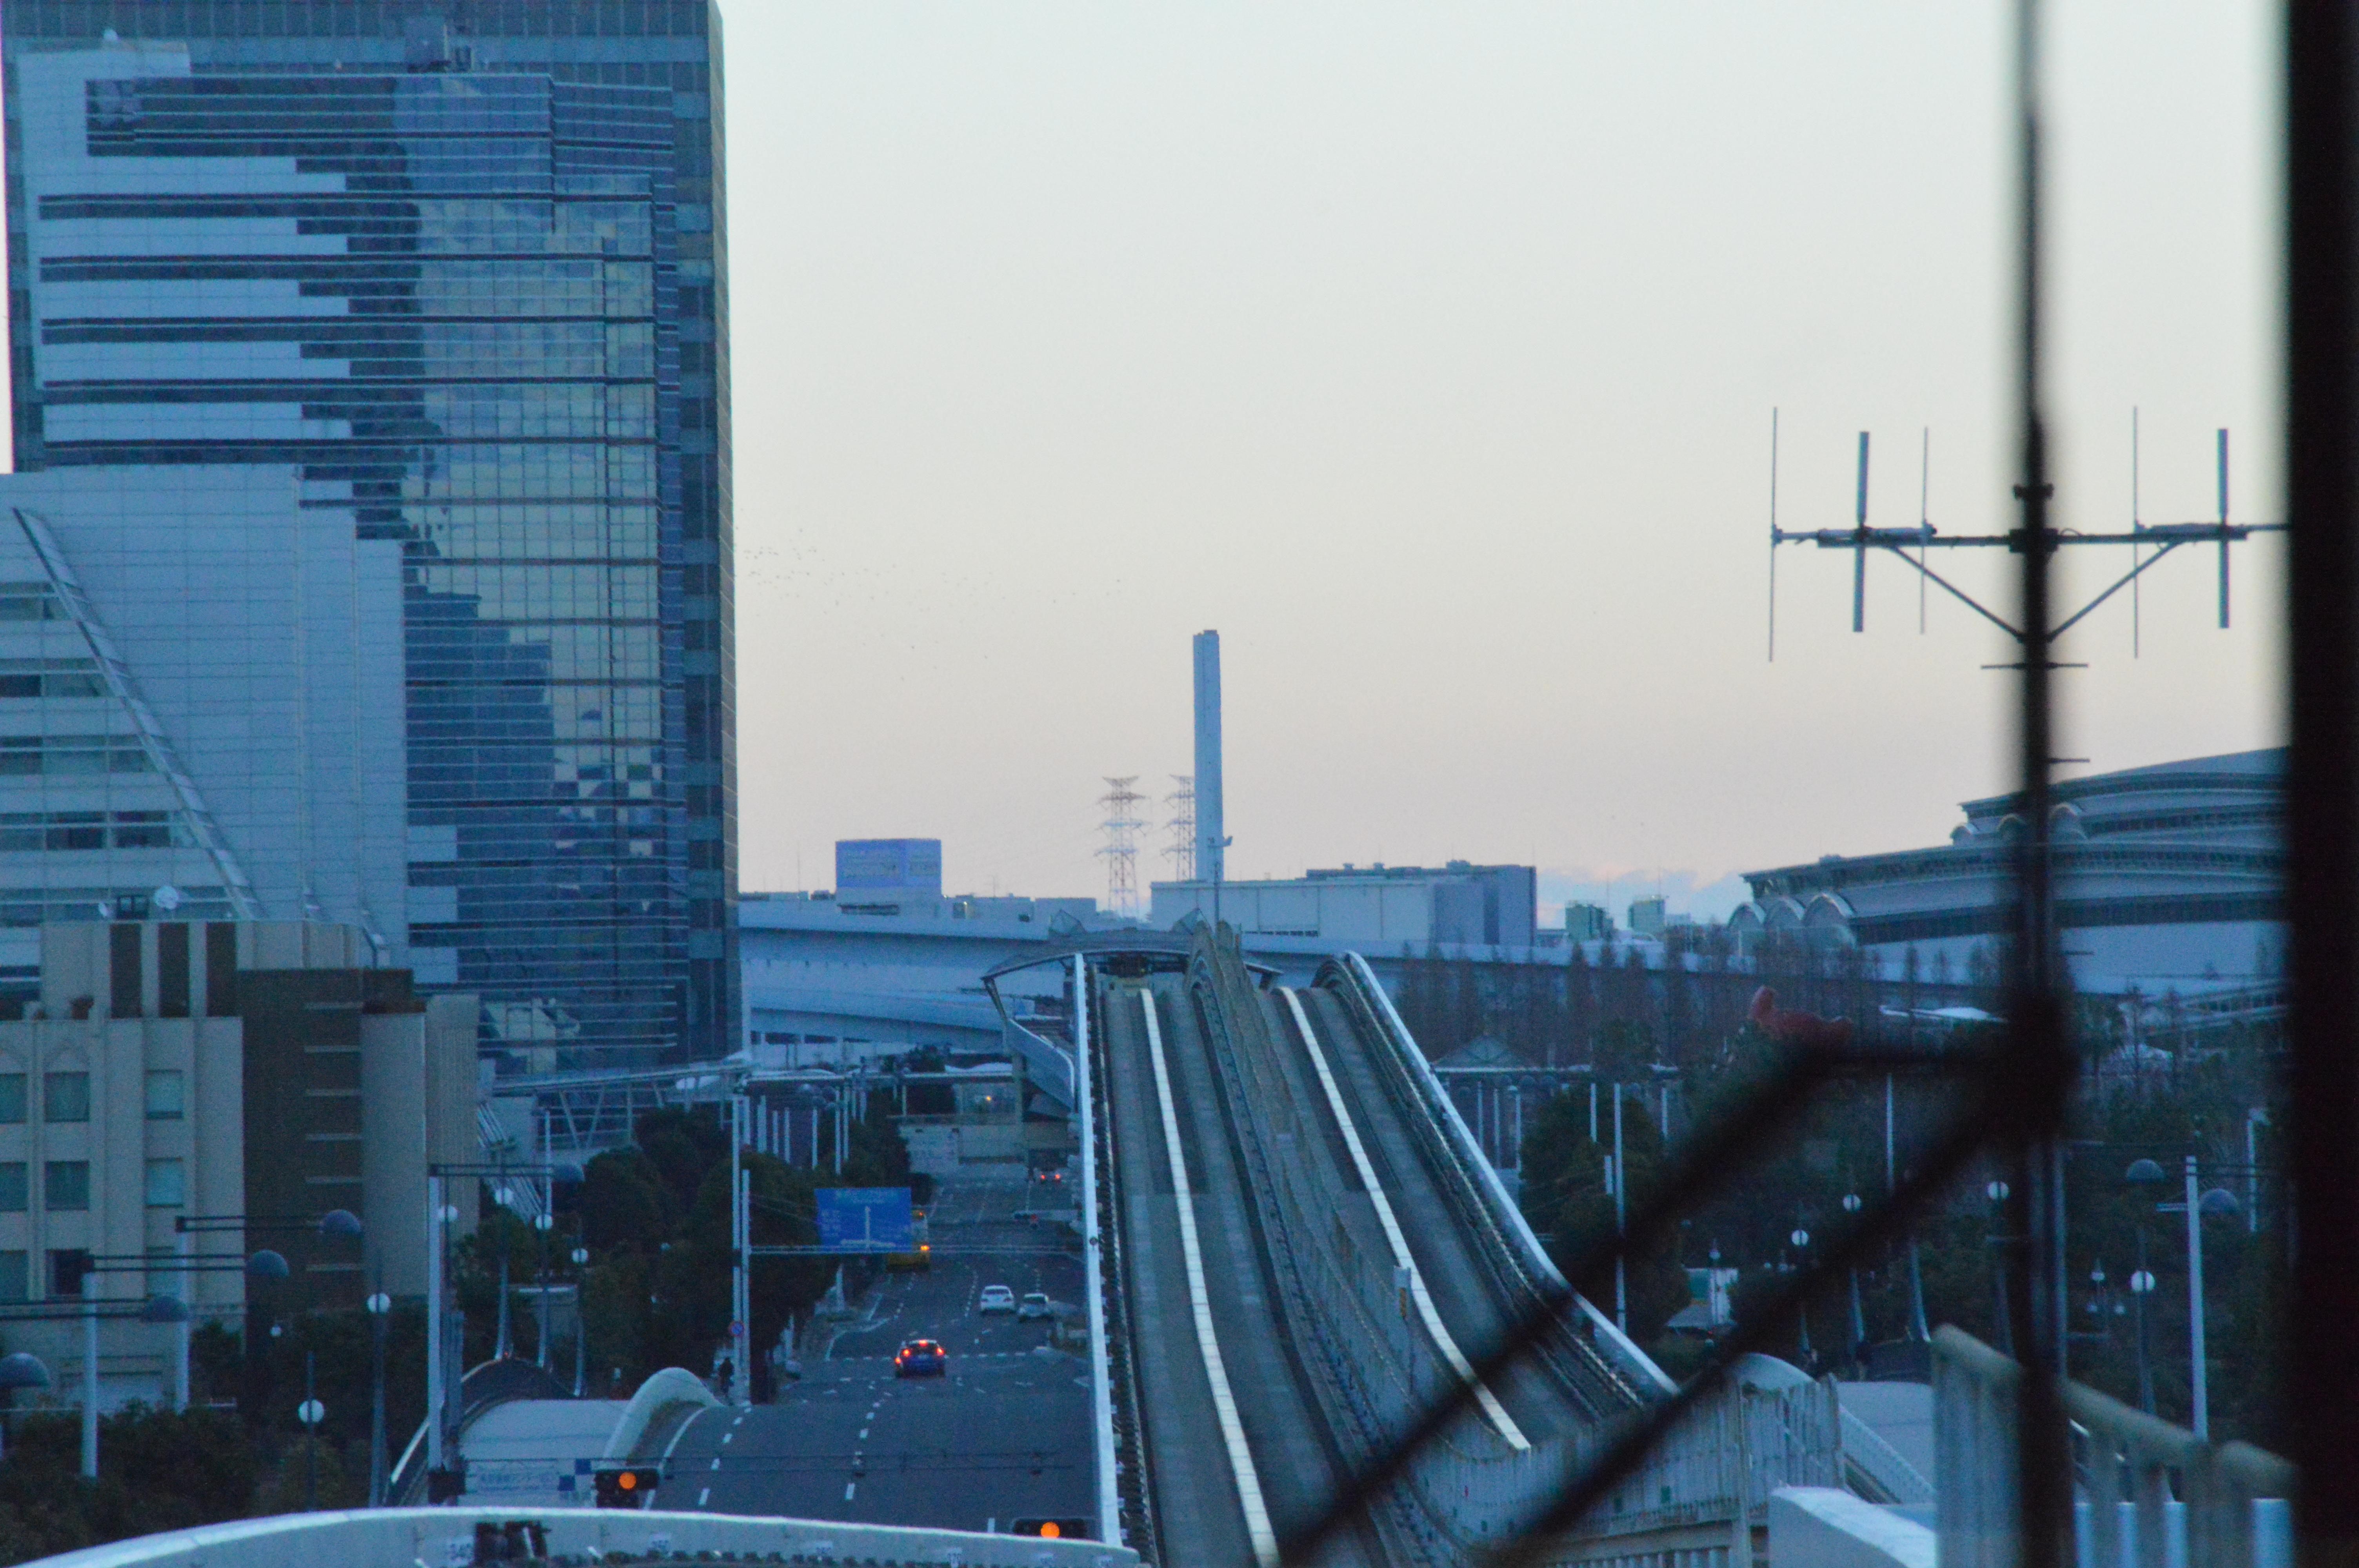 東京・お台場の初日の出スポットはテレコムセンターが暖かくてオススメですよ